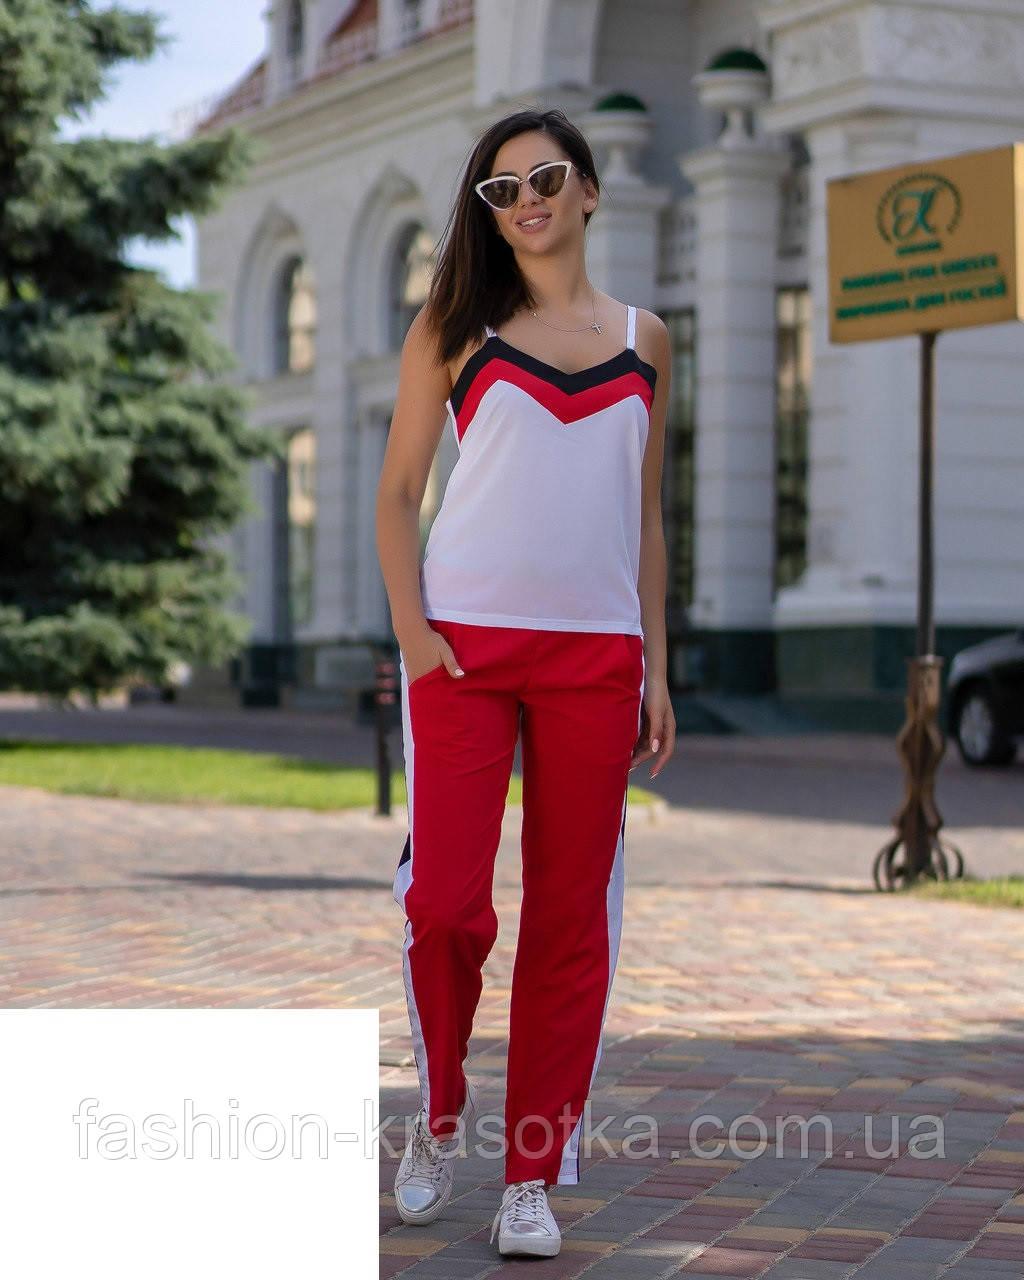 Модный женский летний костюм,ткань софт,размеры:42,44,46,48.